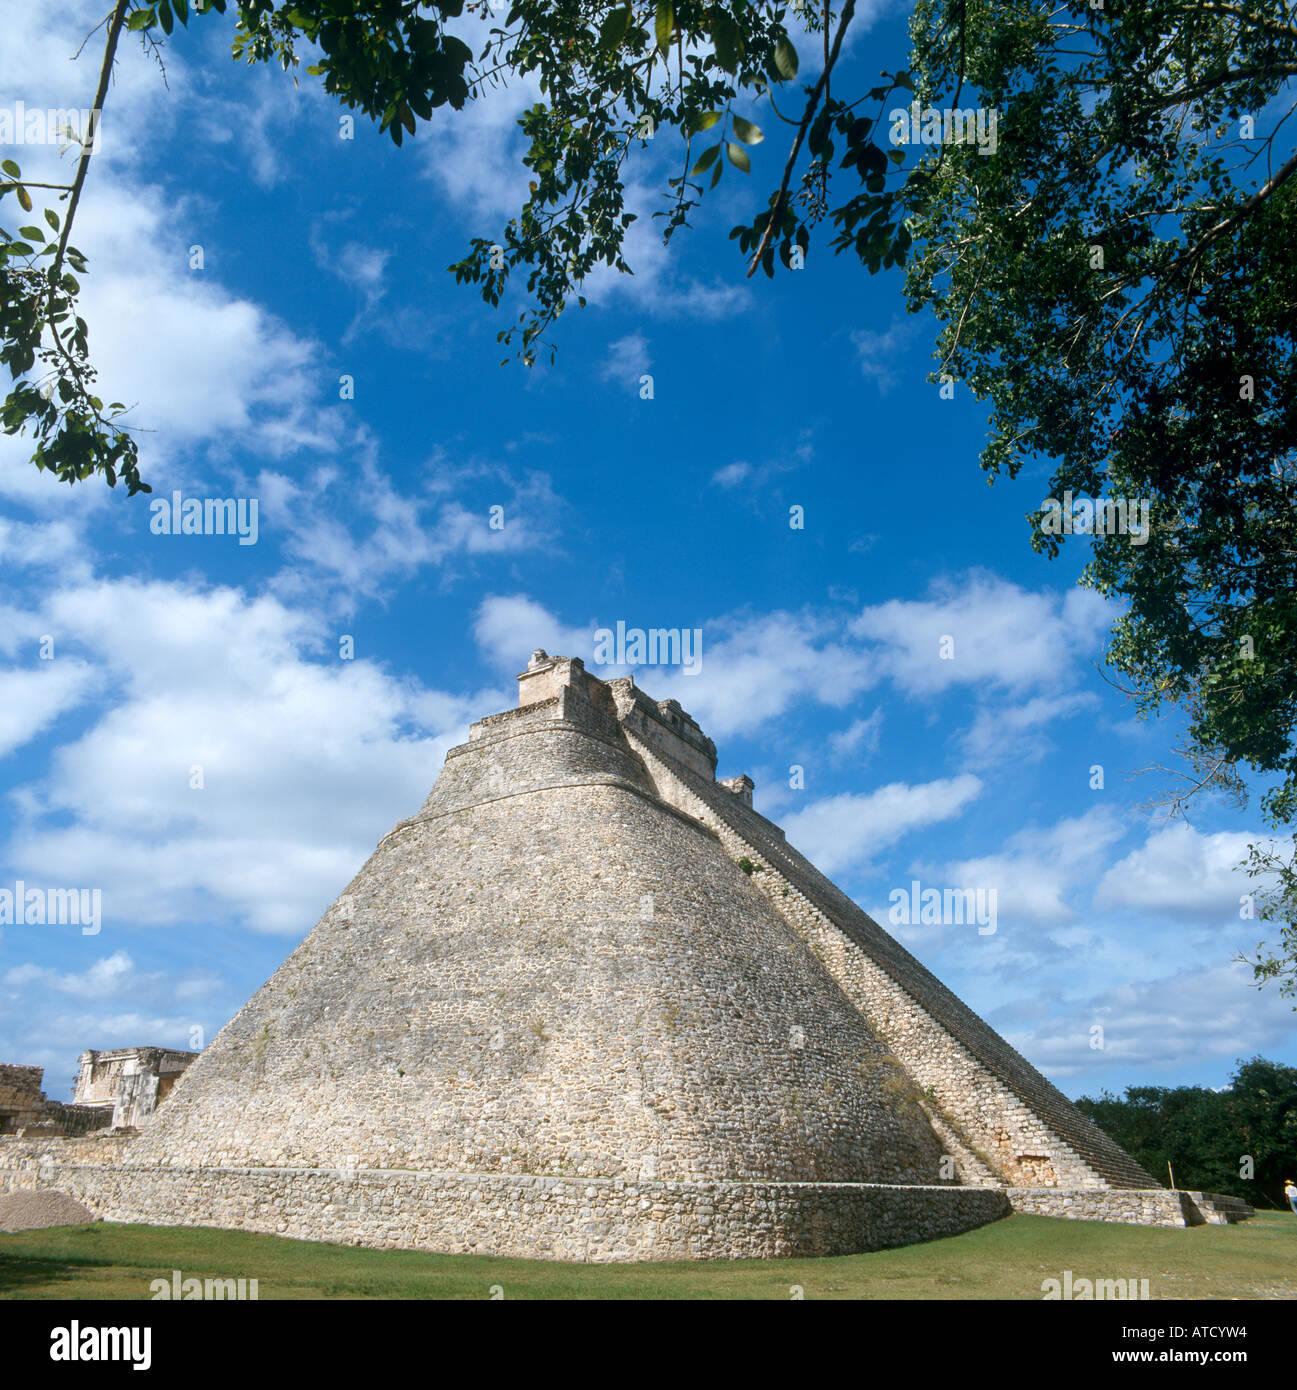 Pyramid of the Magician at the Mayan Ruins of Uxmal, Yucatan Peninsula, Mexico - Stock Image